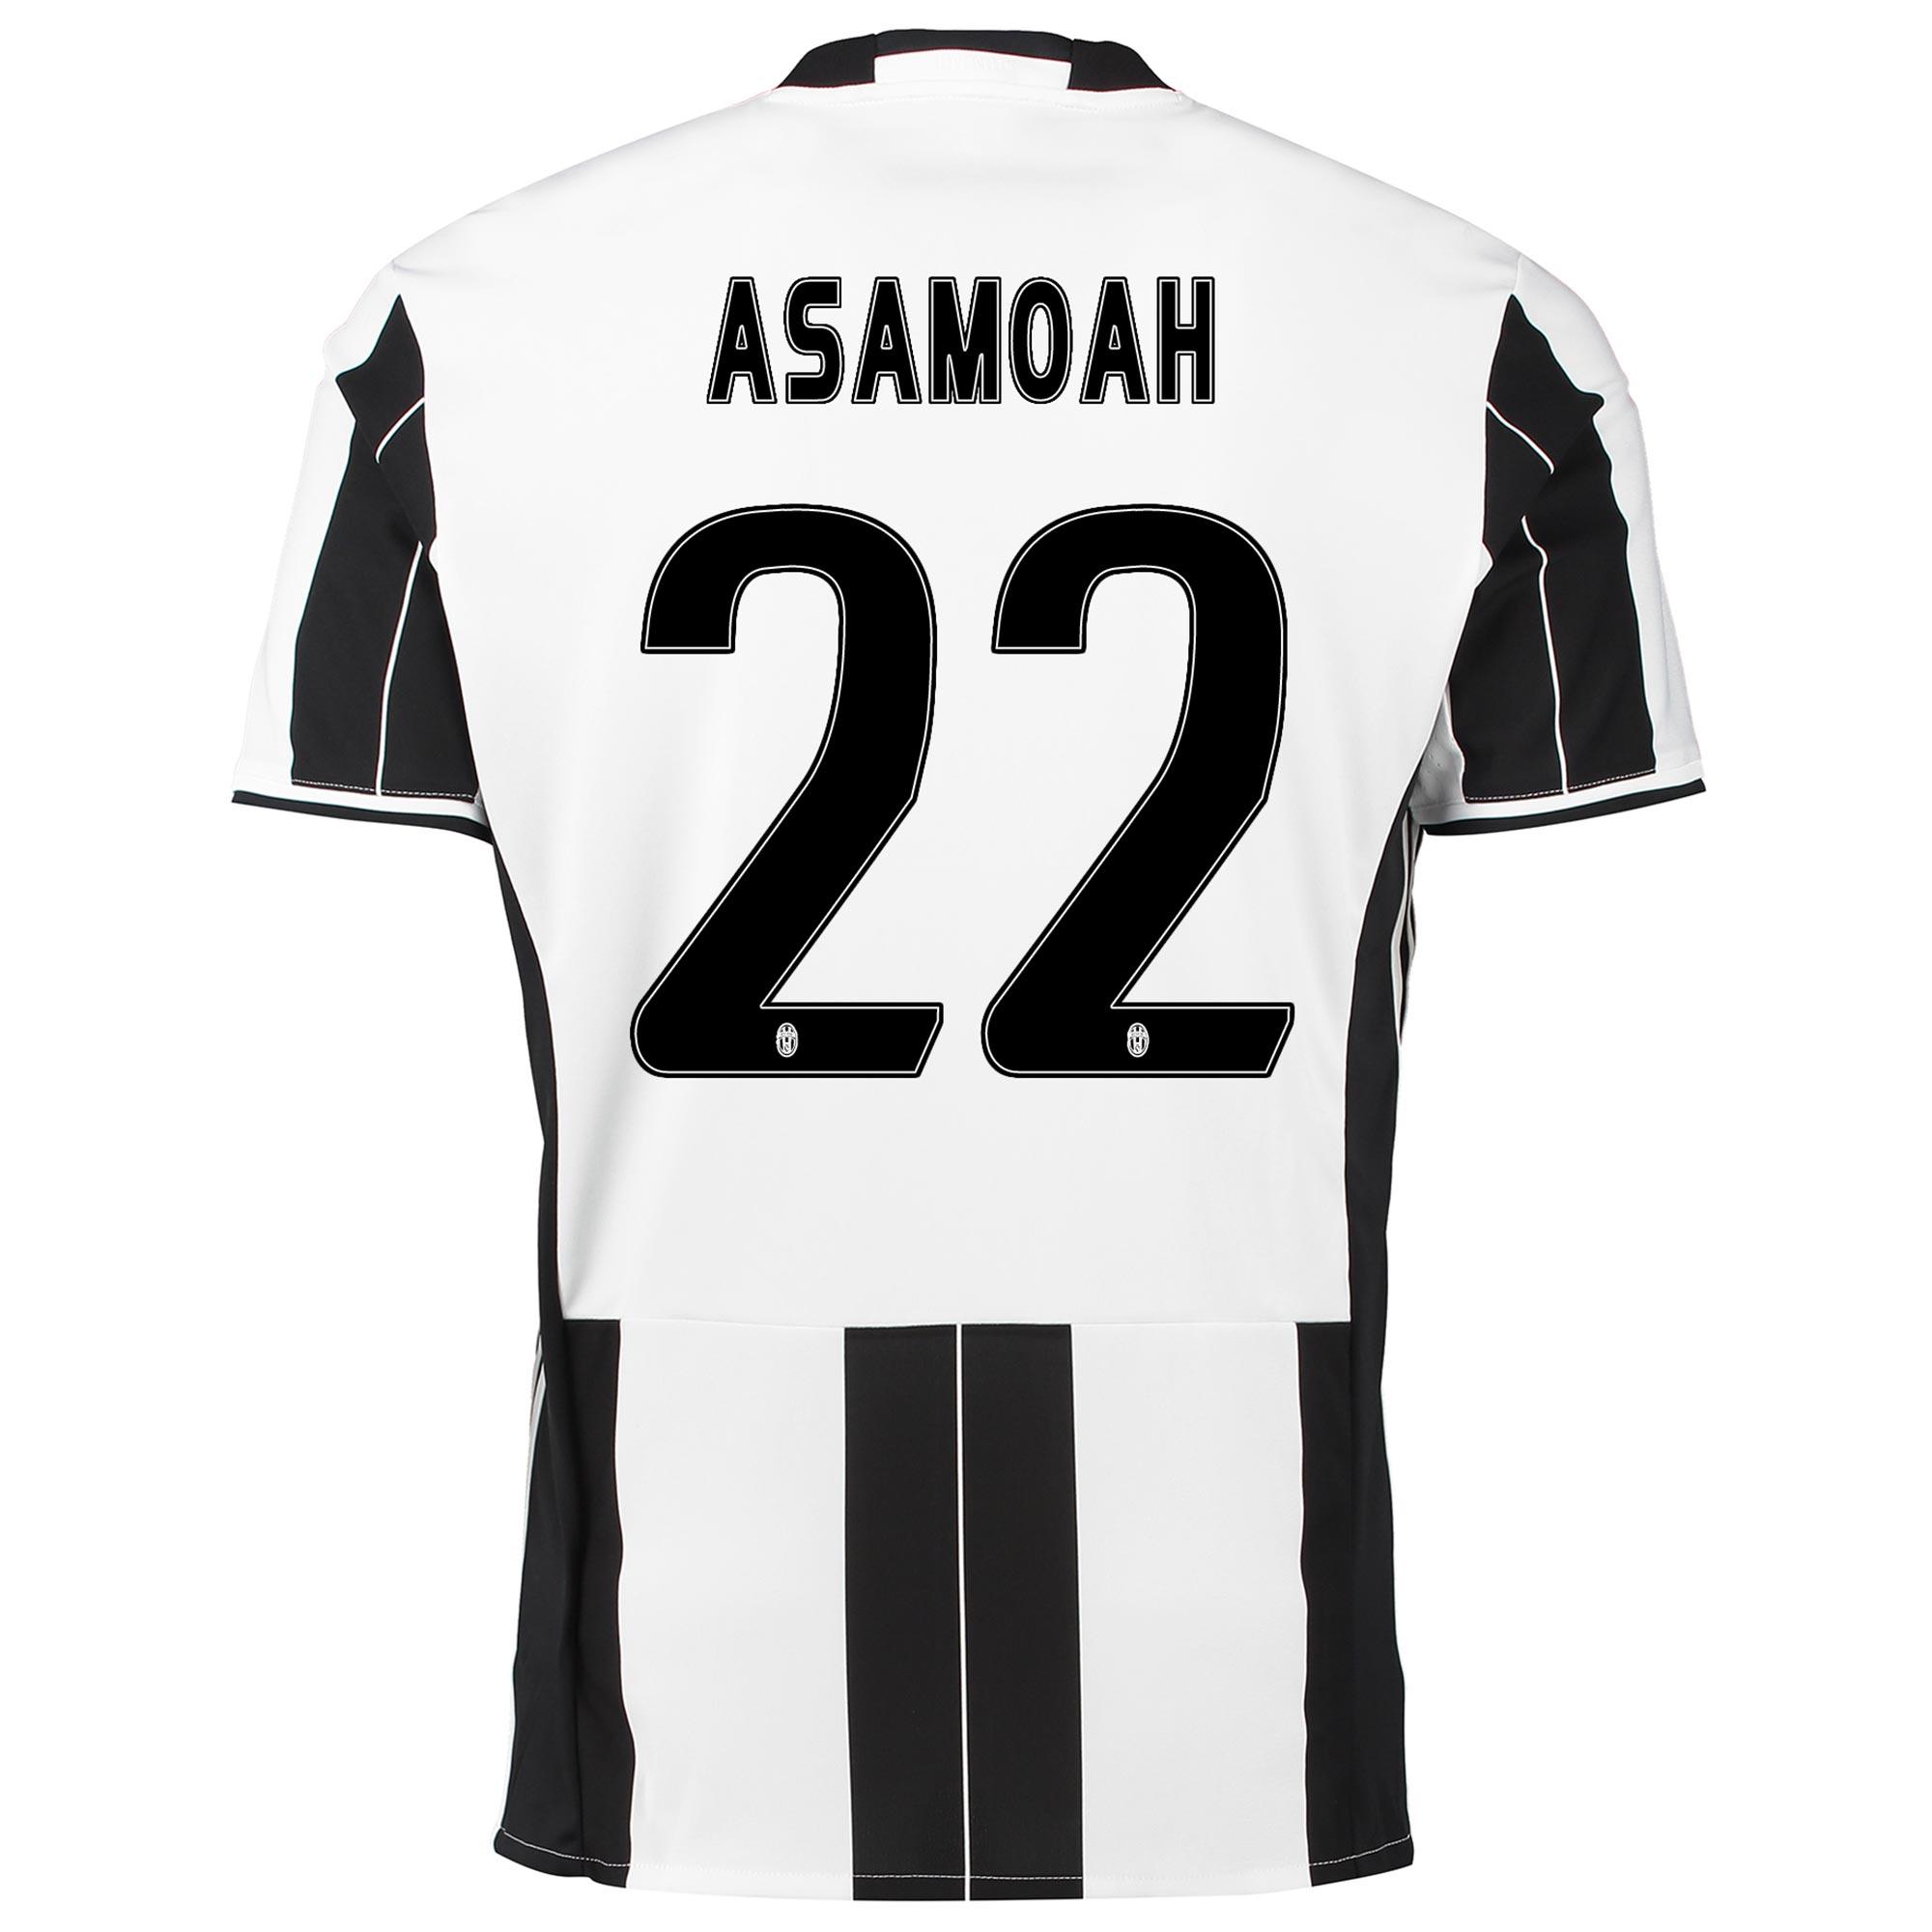 Image of Juventus Home Shirt 2016-17 with Asamoah 22 printing, Black/White